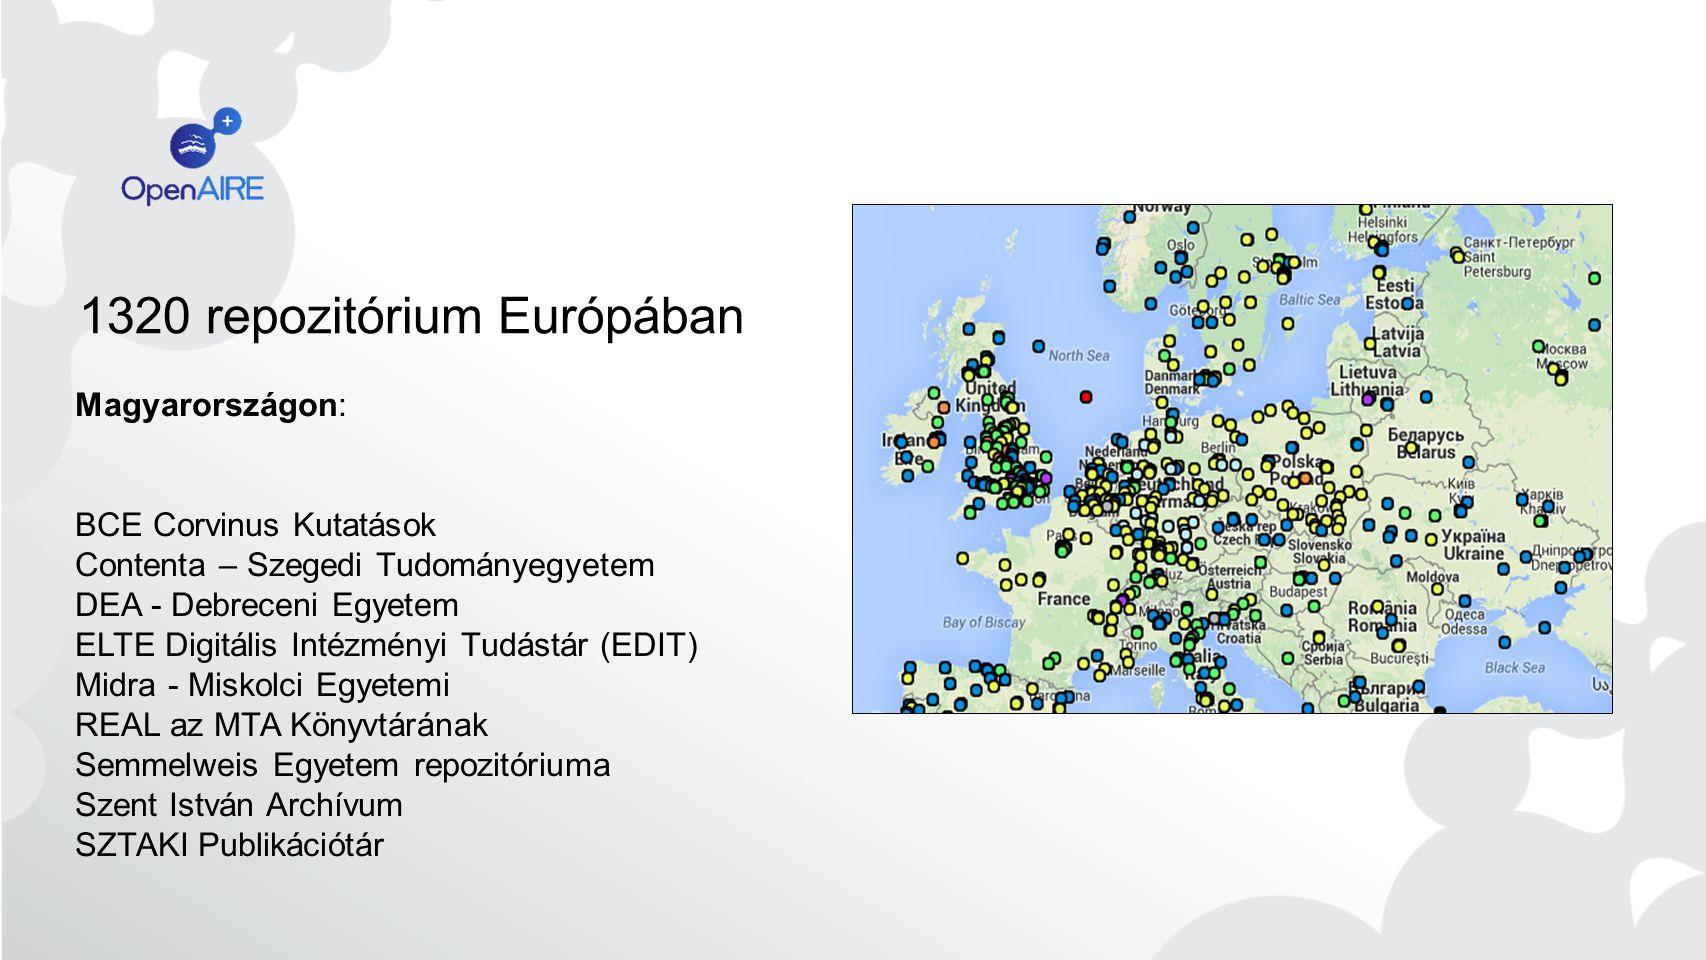 1320 repozitórium Európában